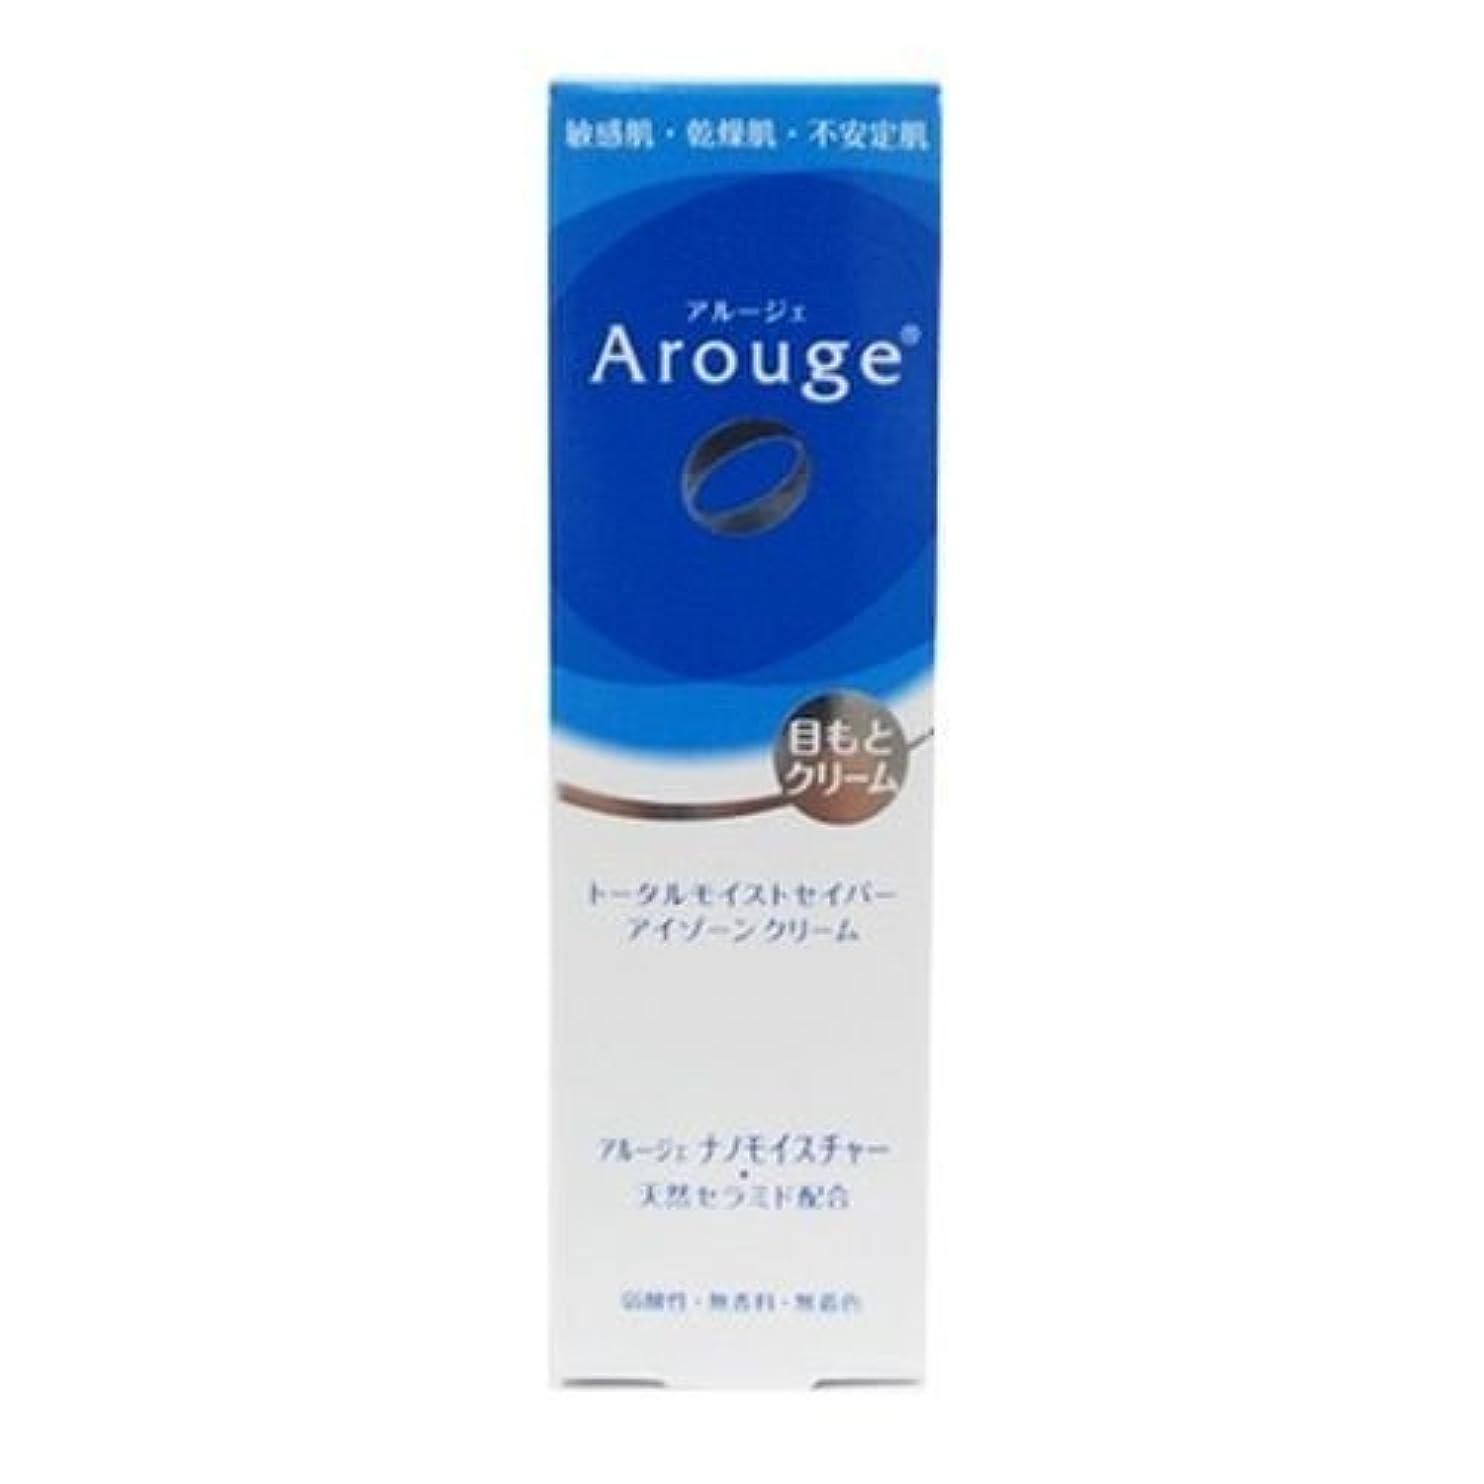 病気だと思う殺します仮装アルージェ(Arouge)トータルモイストセイバー アイゾーンクリーム 15g